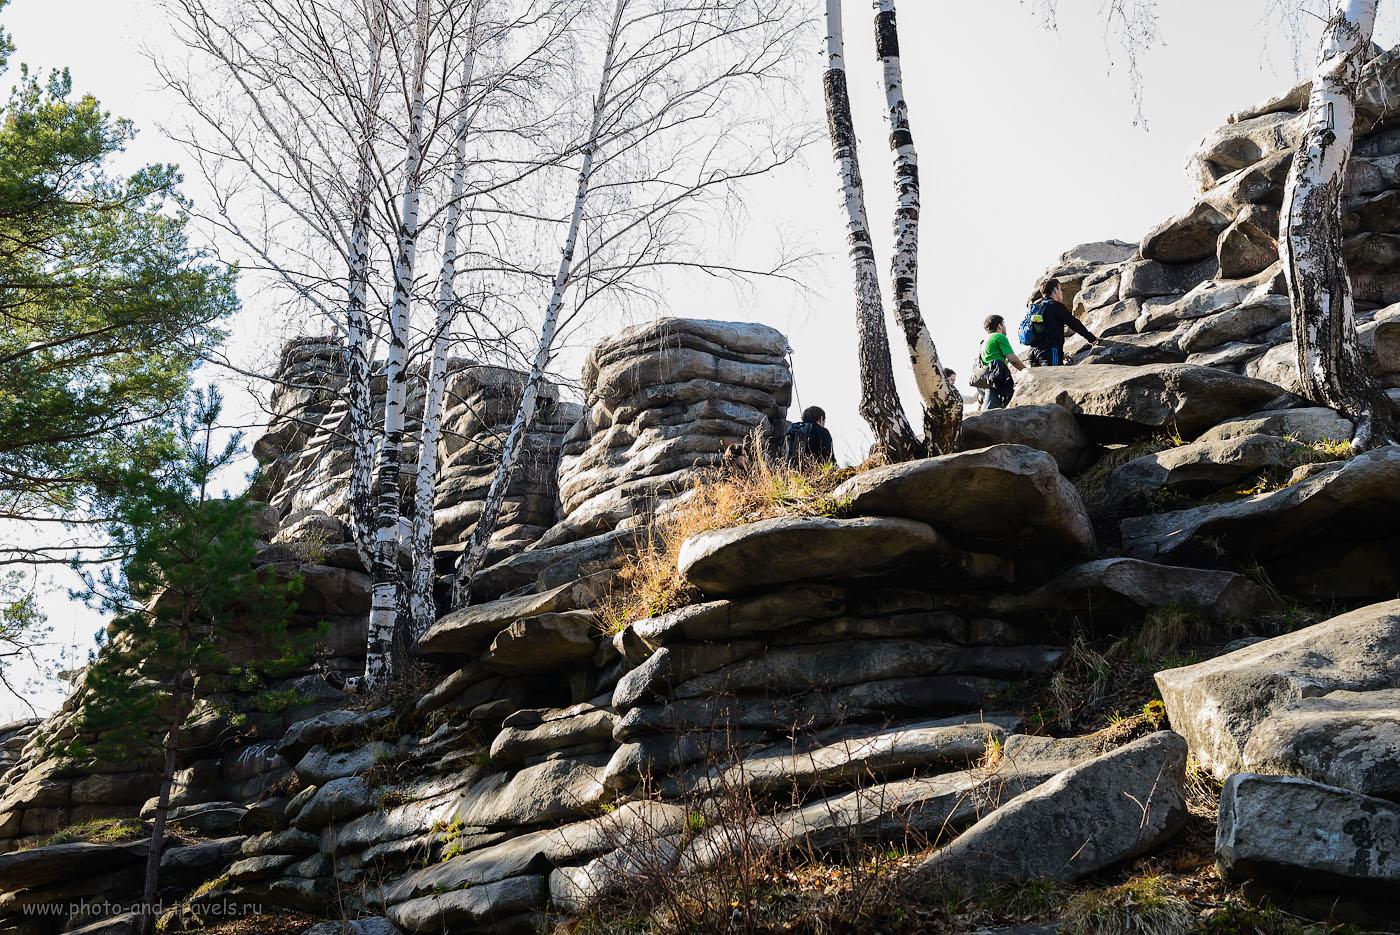 13. Лестница на скалы Чертово городище - слева за березой. (1000, 48, 8.0, 1/100)